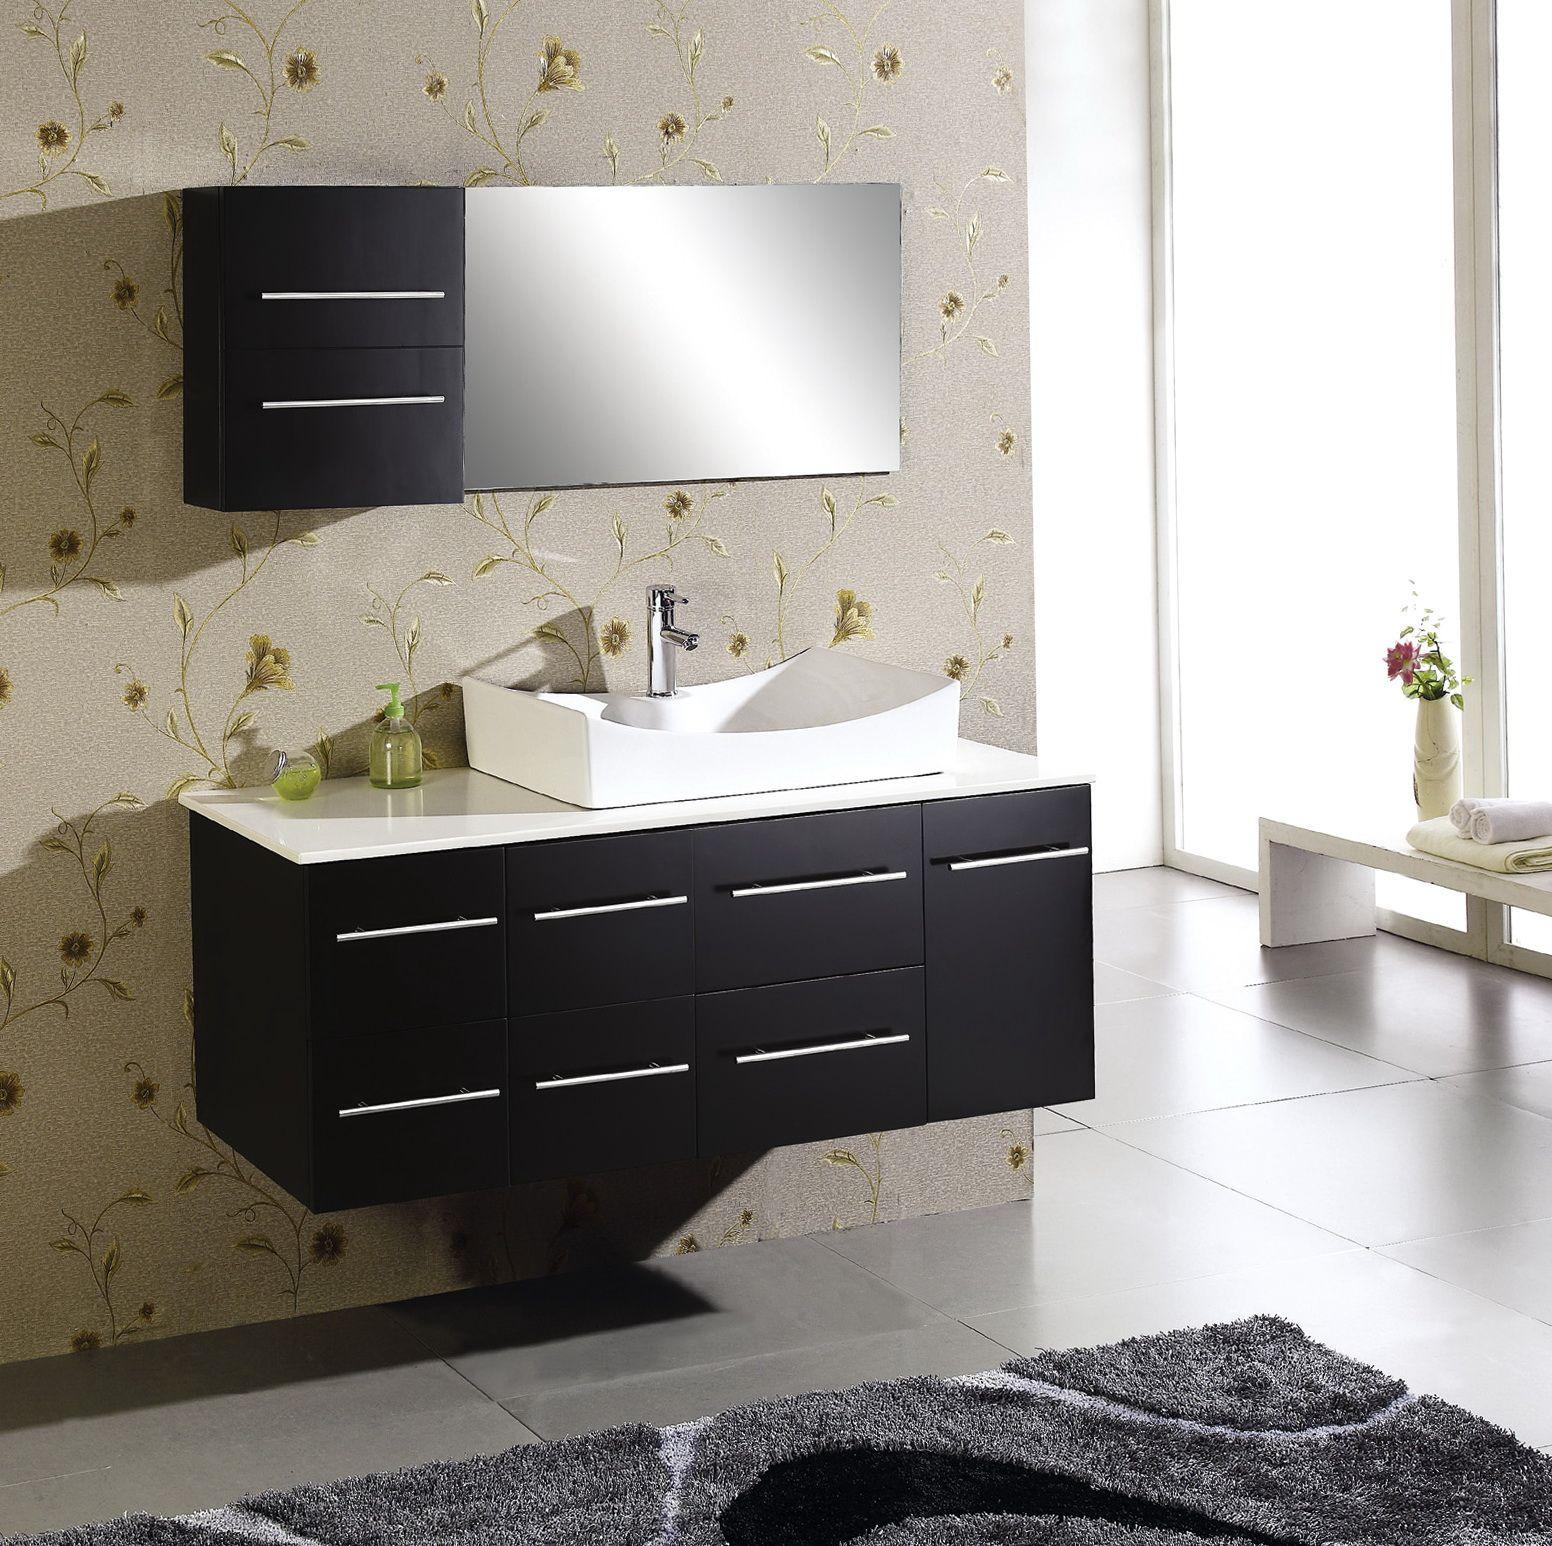 Badezimmer Kabinett Einheiten Badewanne Waschbecken Und Schrank Badezimmer Schranke Zum Verkauf Eck Unterschranke Fur Kleine Ba Badezimmer Zimmer Unterschrank